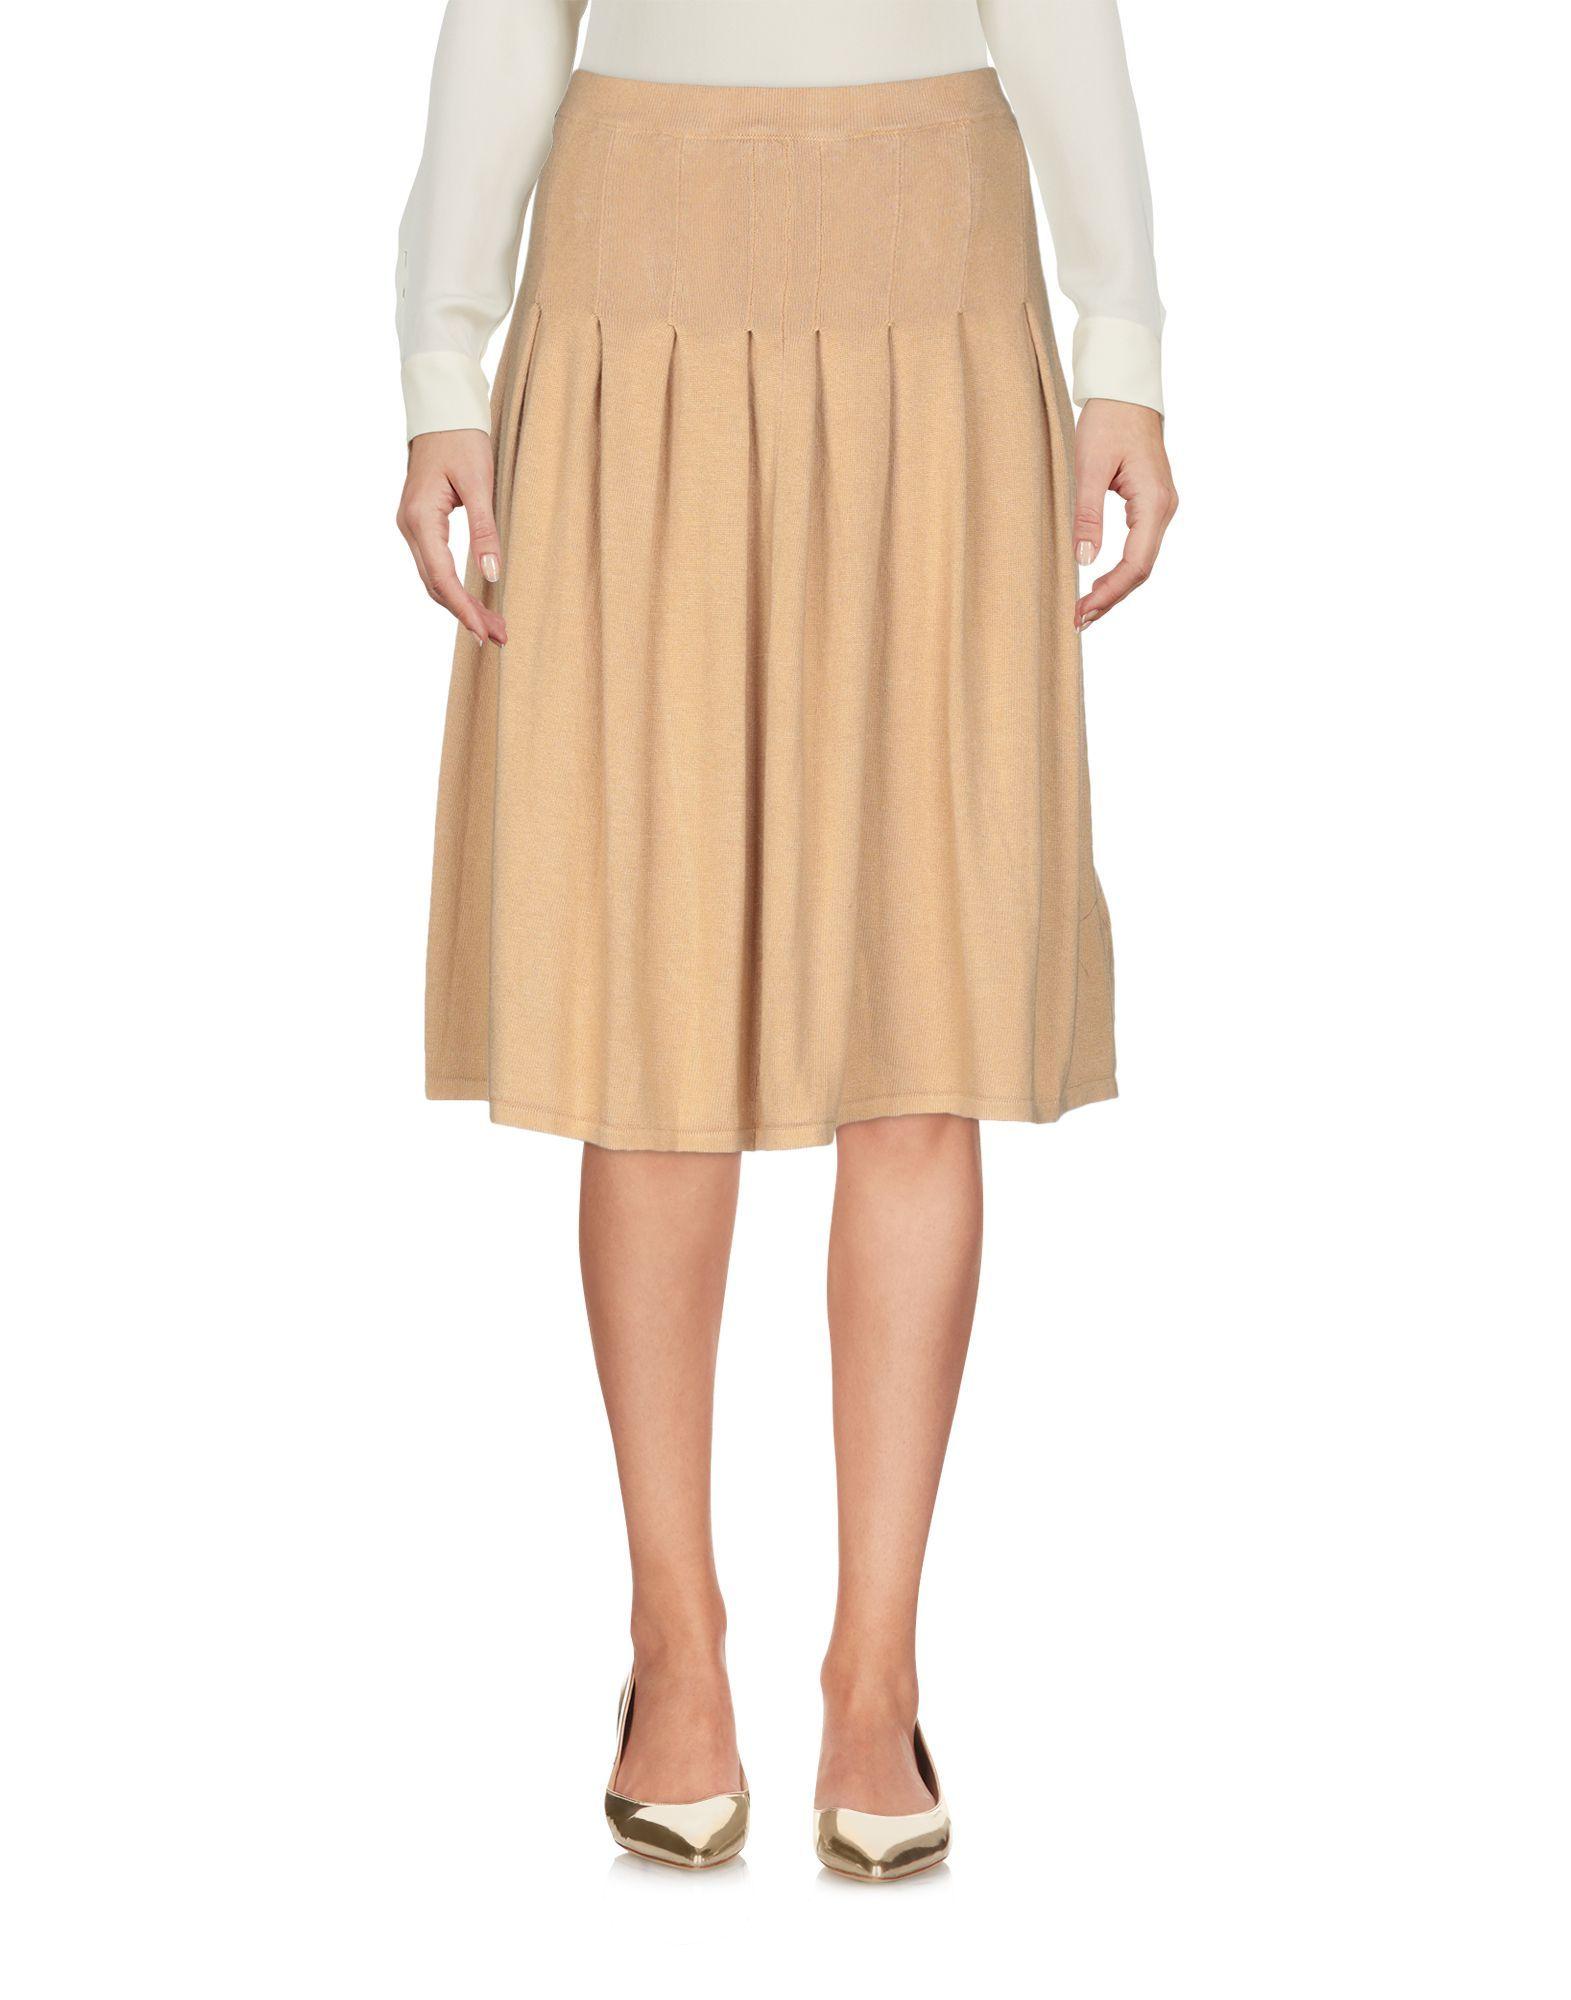 Pierre Balmain Sand Knit Skirt